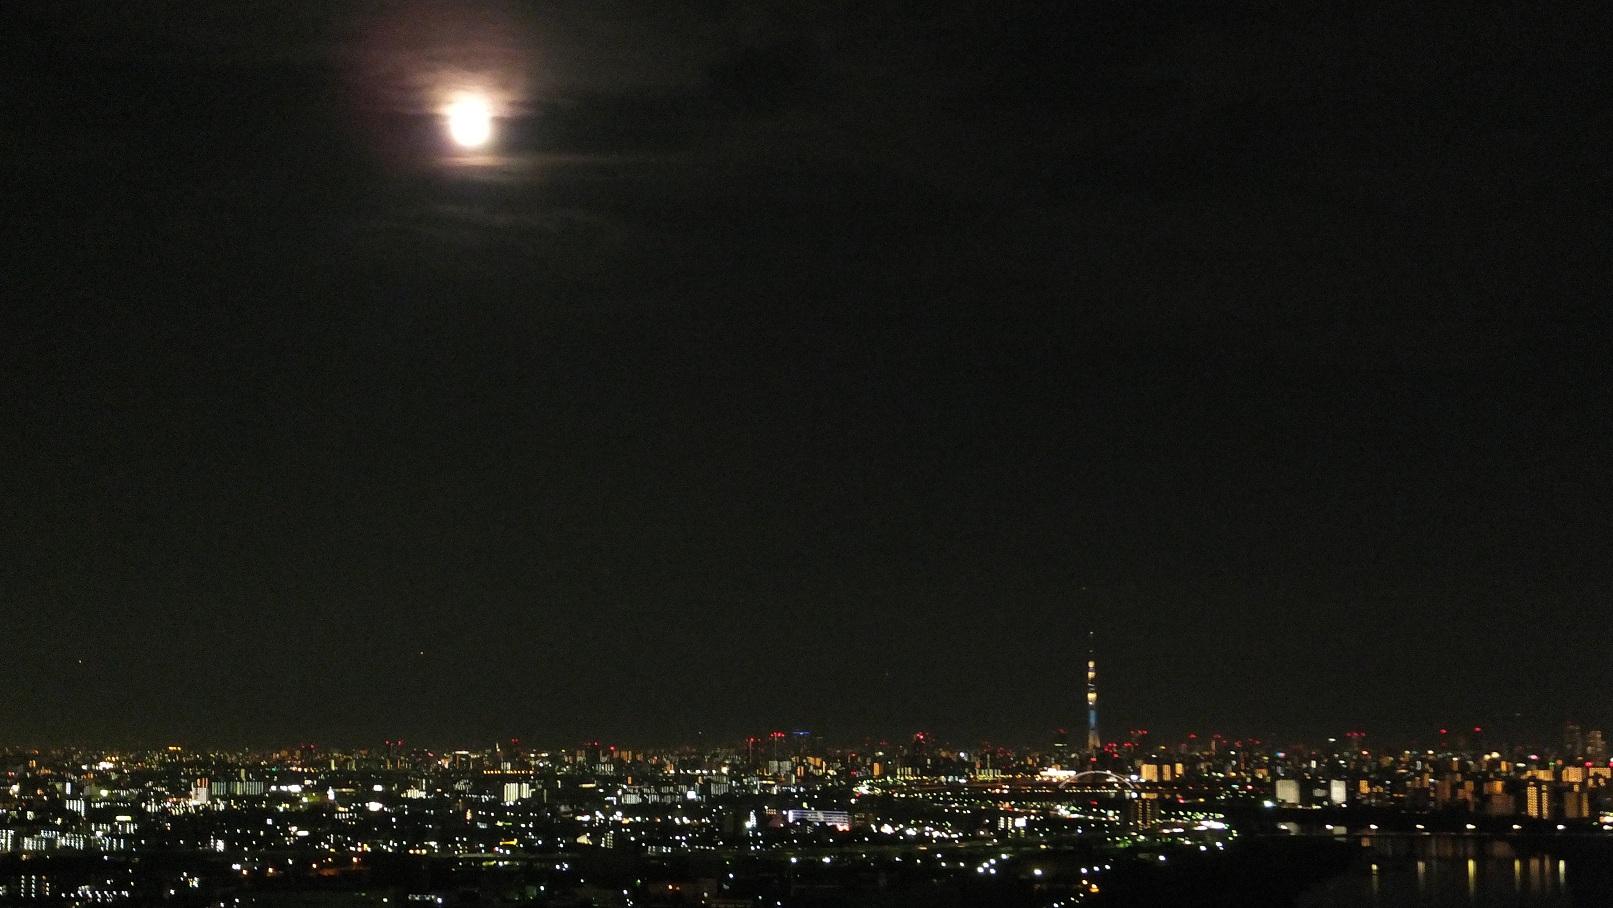 ワイド写真 東京スカイツリー夜景 Skytree Night View 写真の旅 世界 日本 無料壁紙 Free Photo Wallpaper Japan World